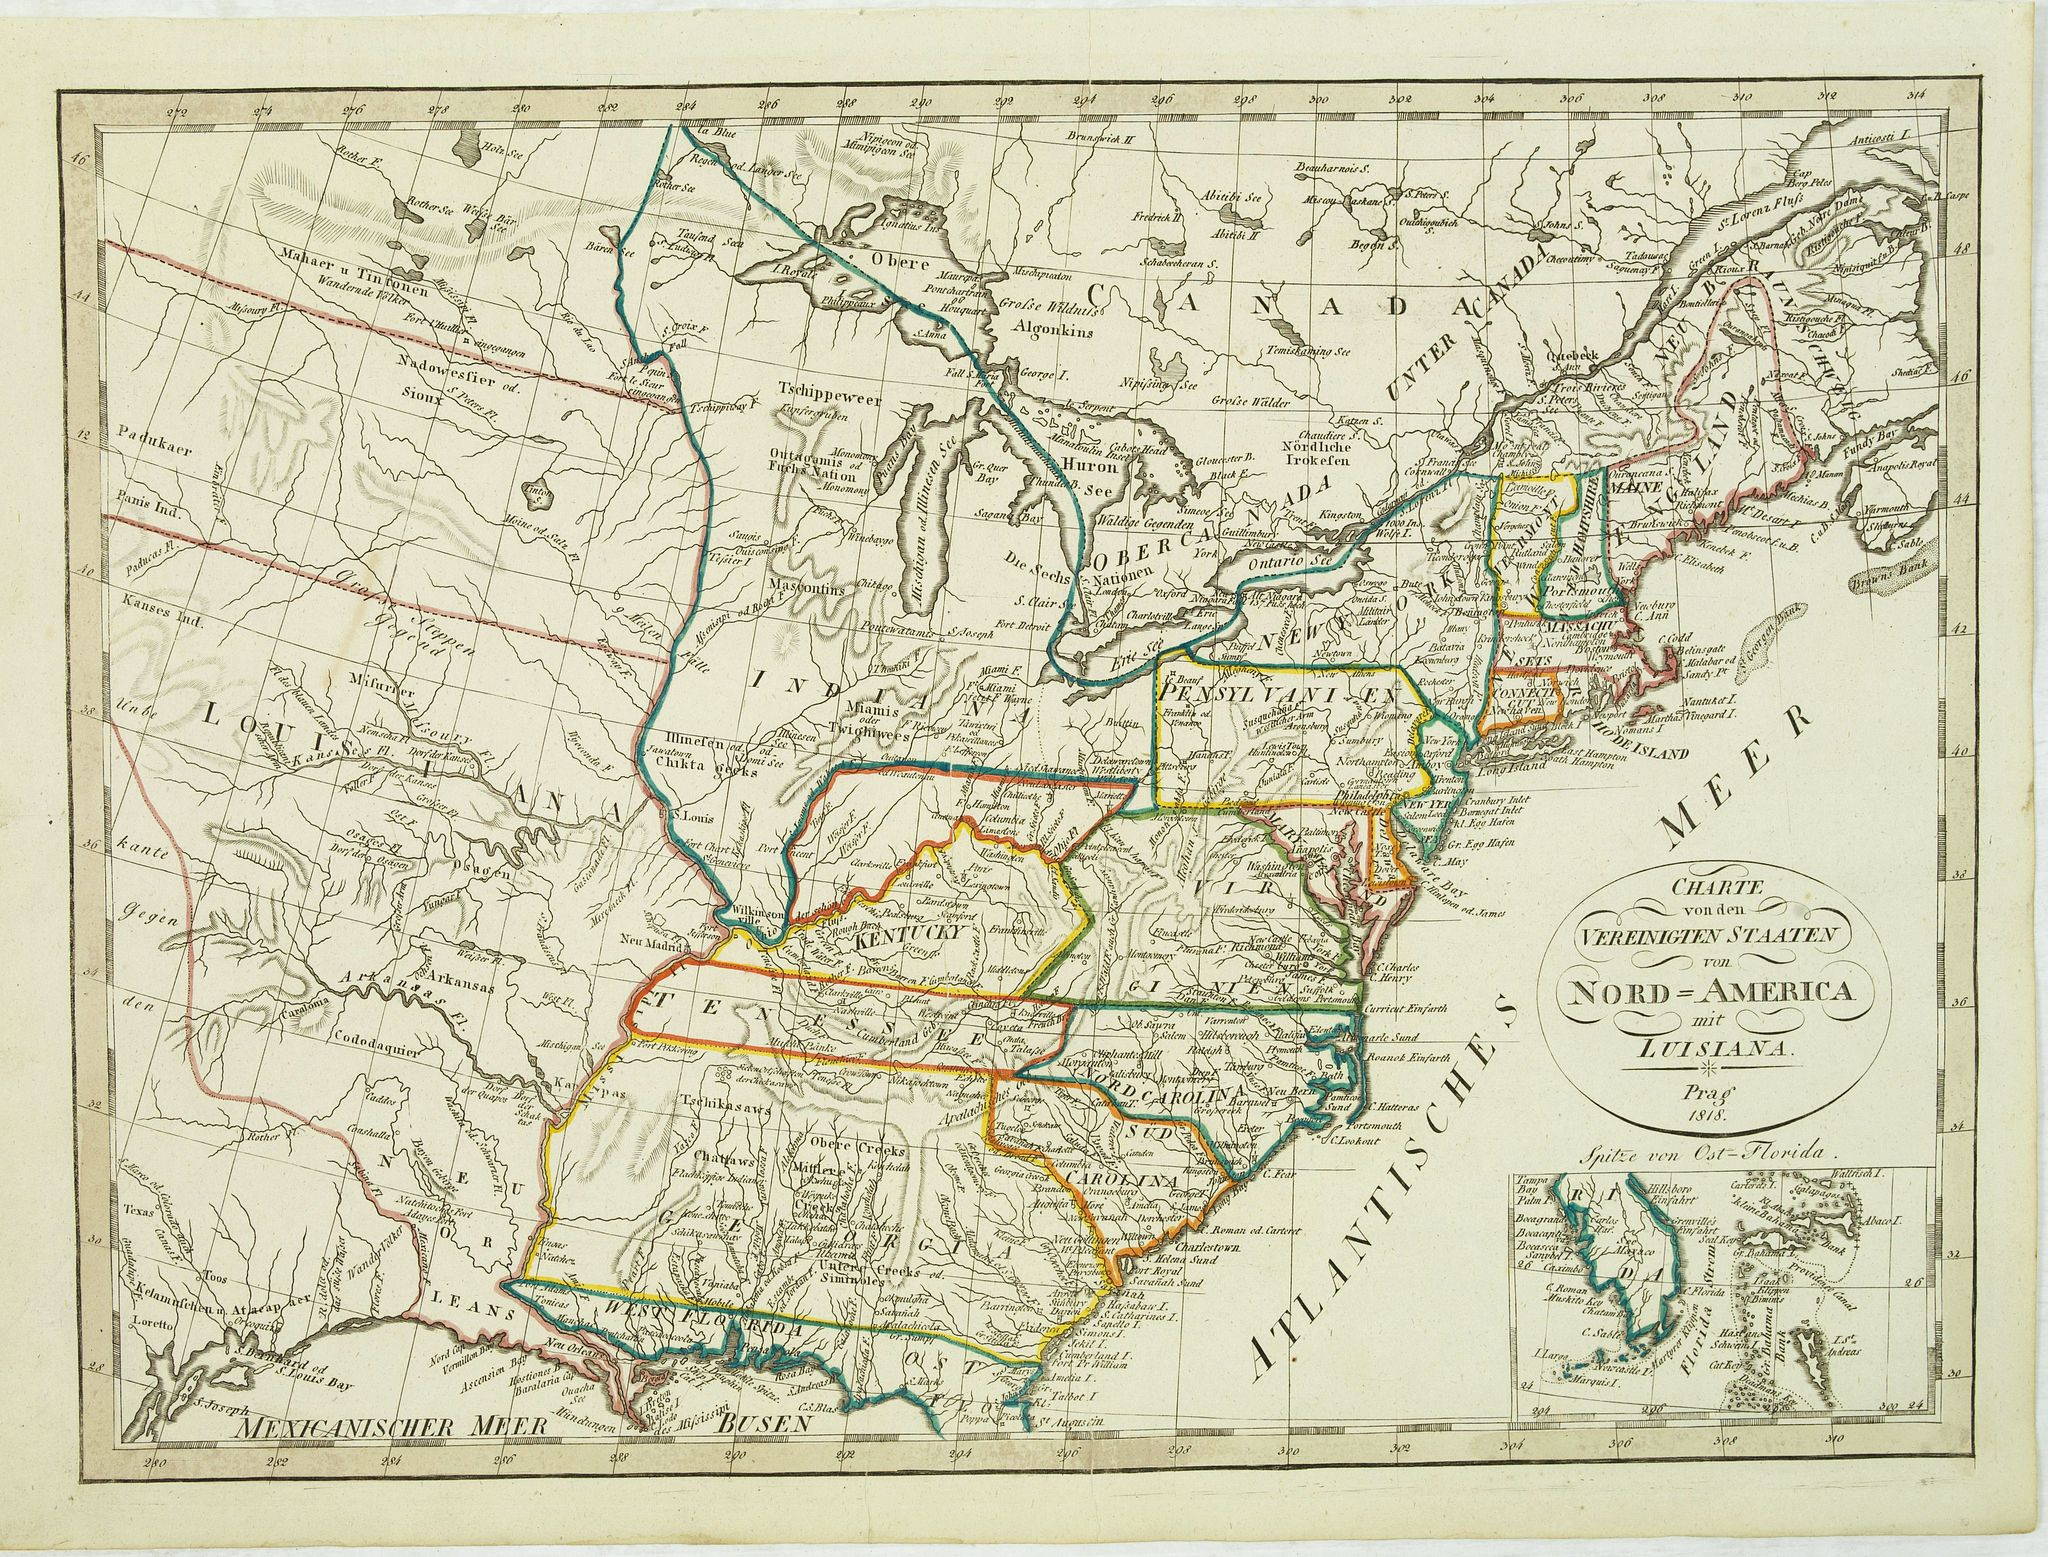 ANONYMOUS -  Charte von den Vereinigten Staaten von Amerika mit Louisiana. Prag 1818